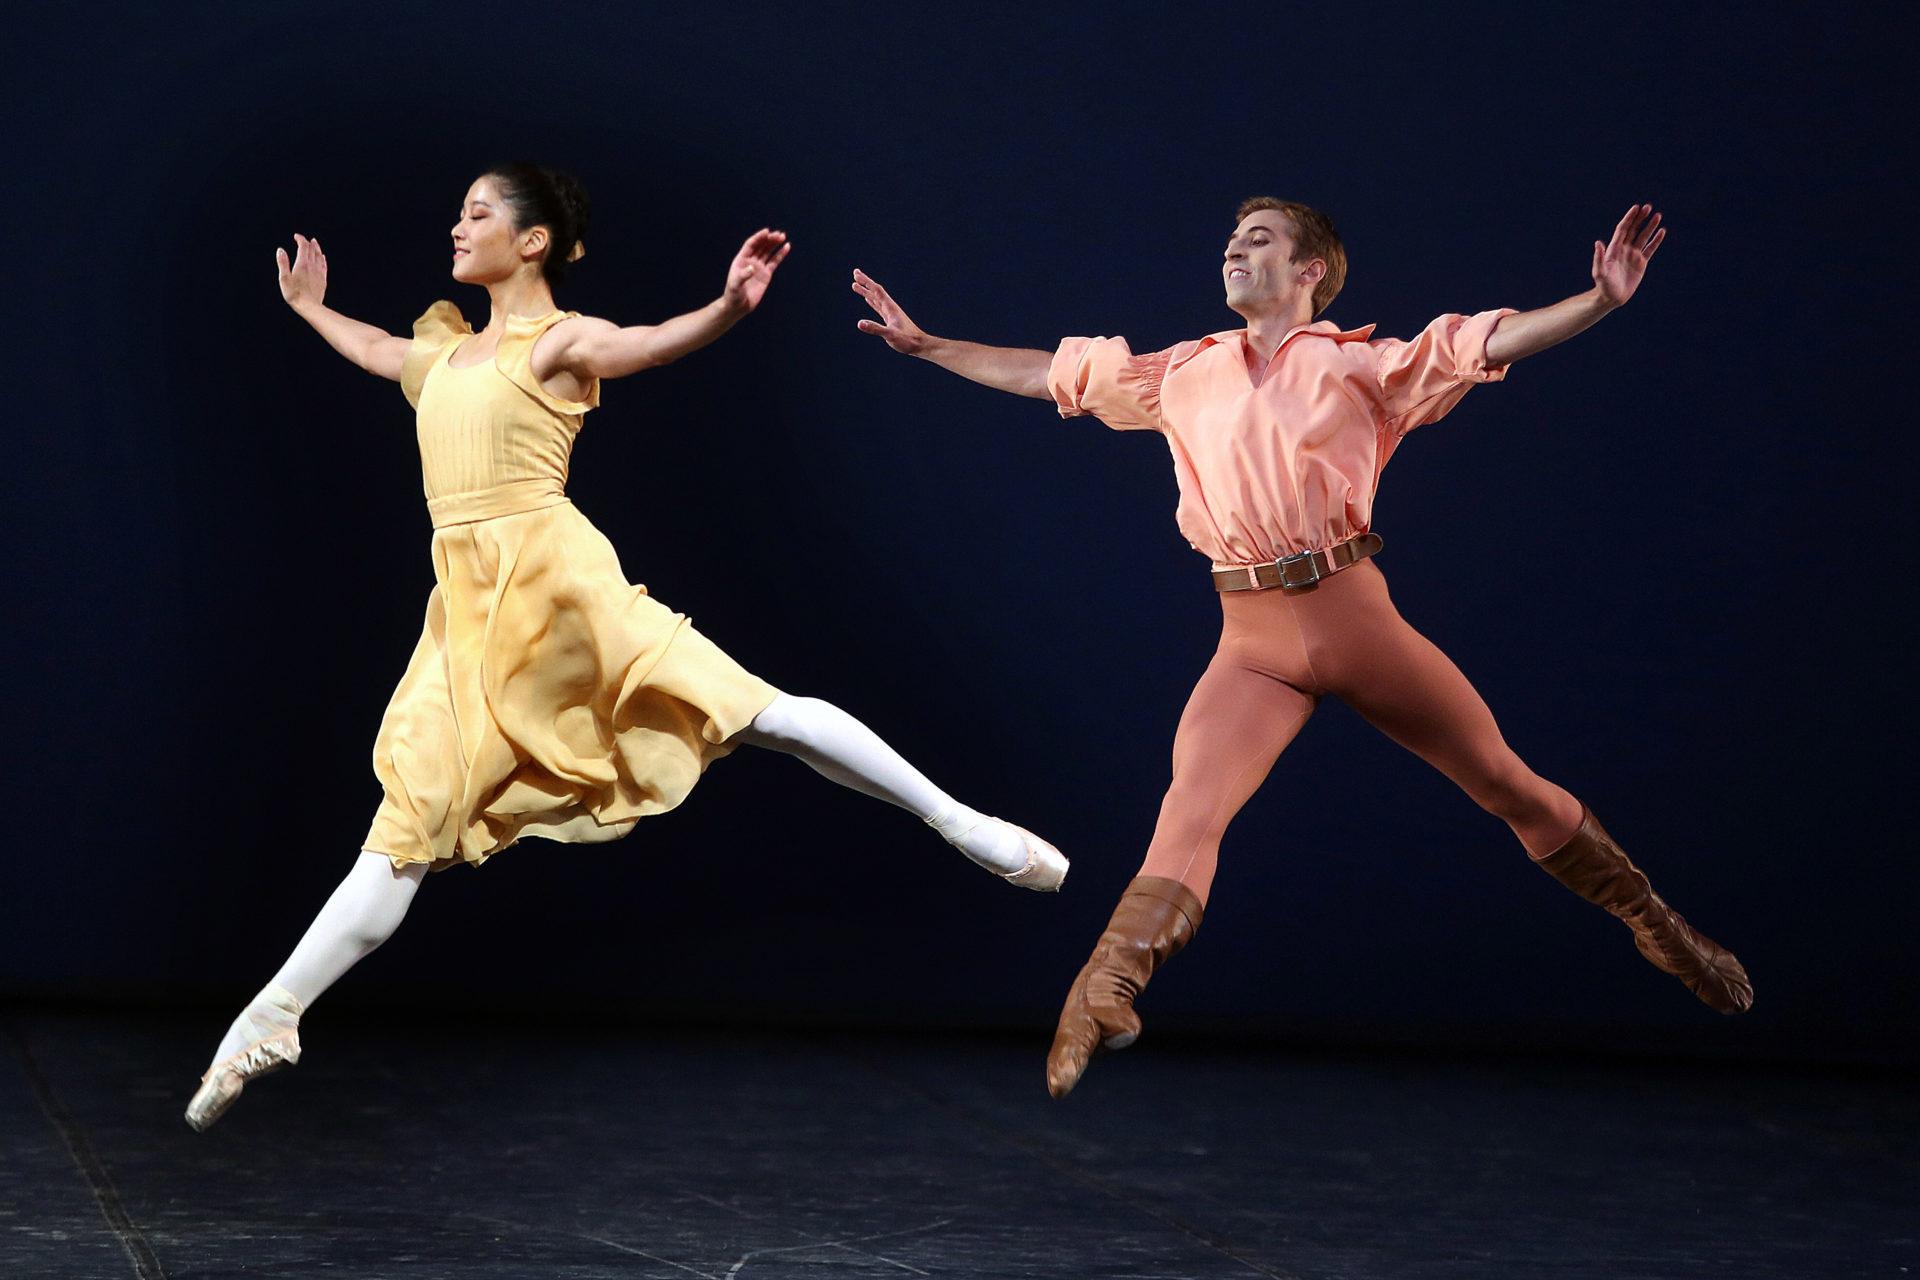 Chopin_Dances_HH_Ballett_Foto_AnjaBeutler.de_111